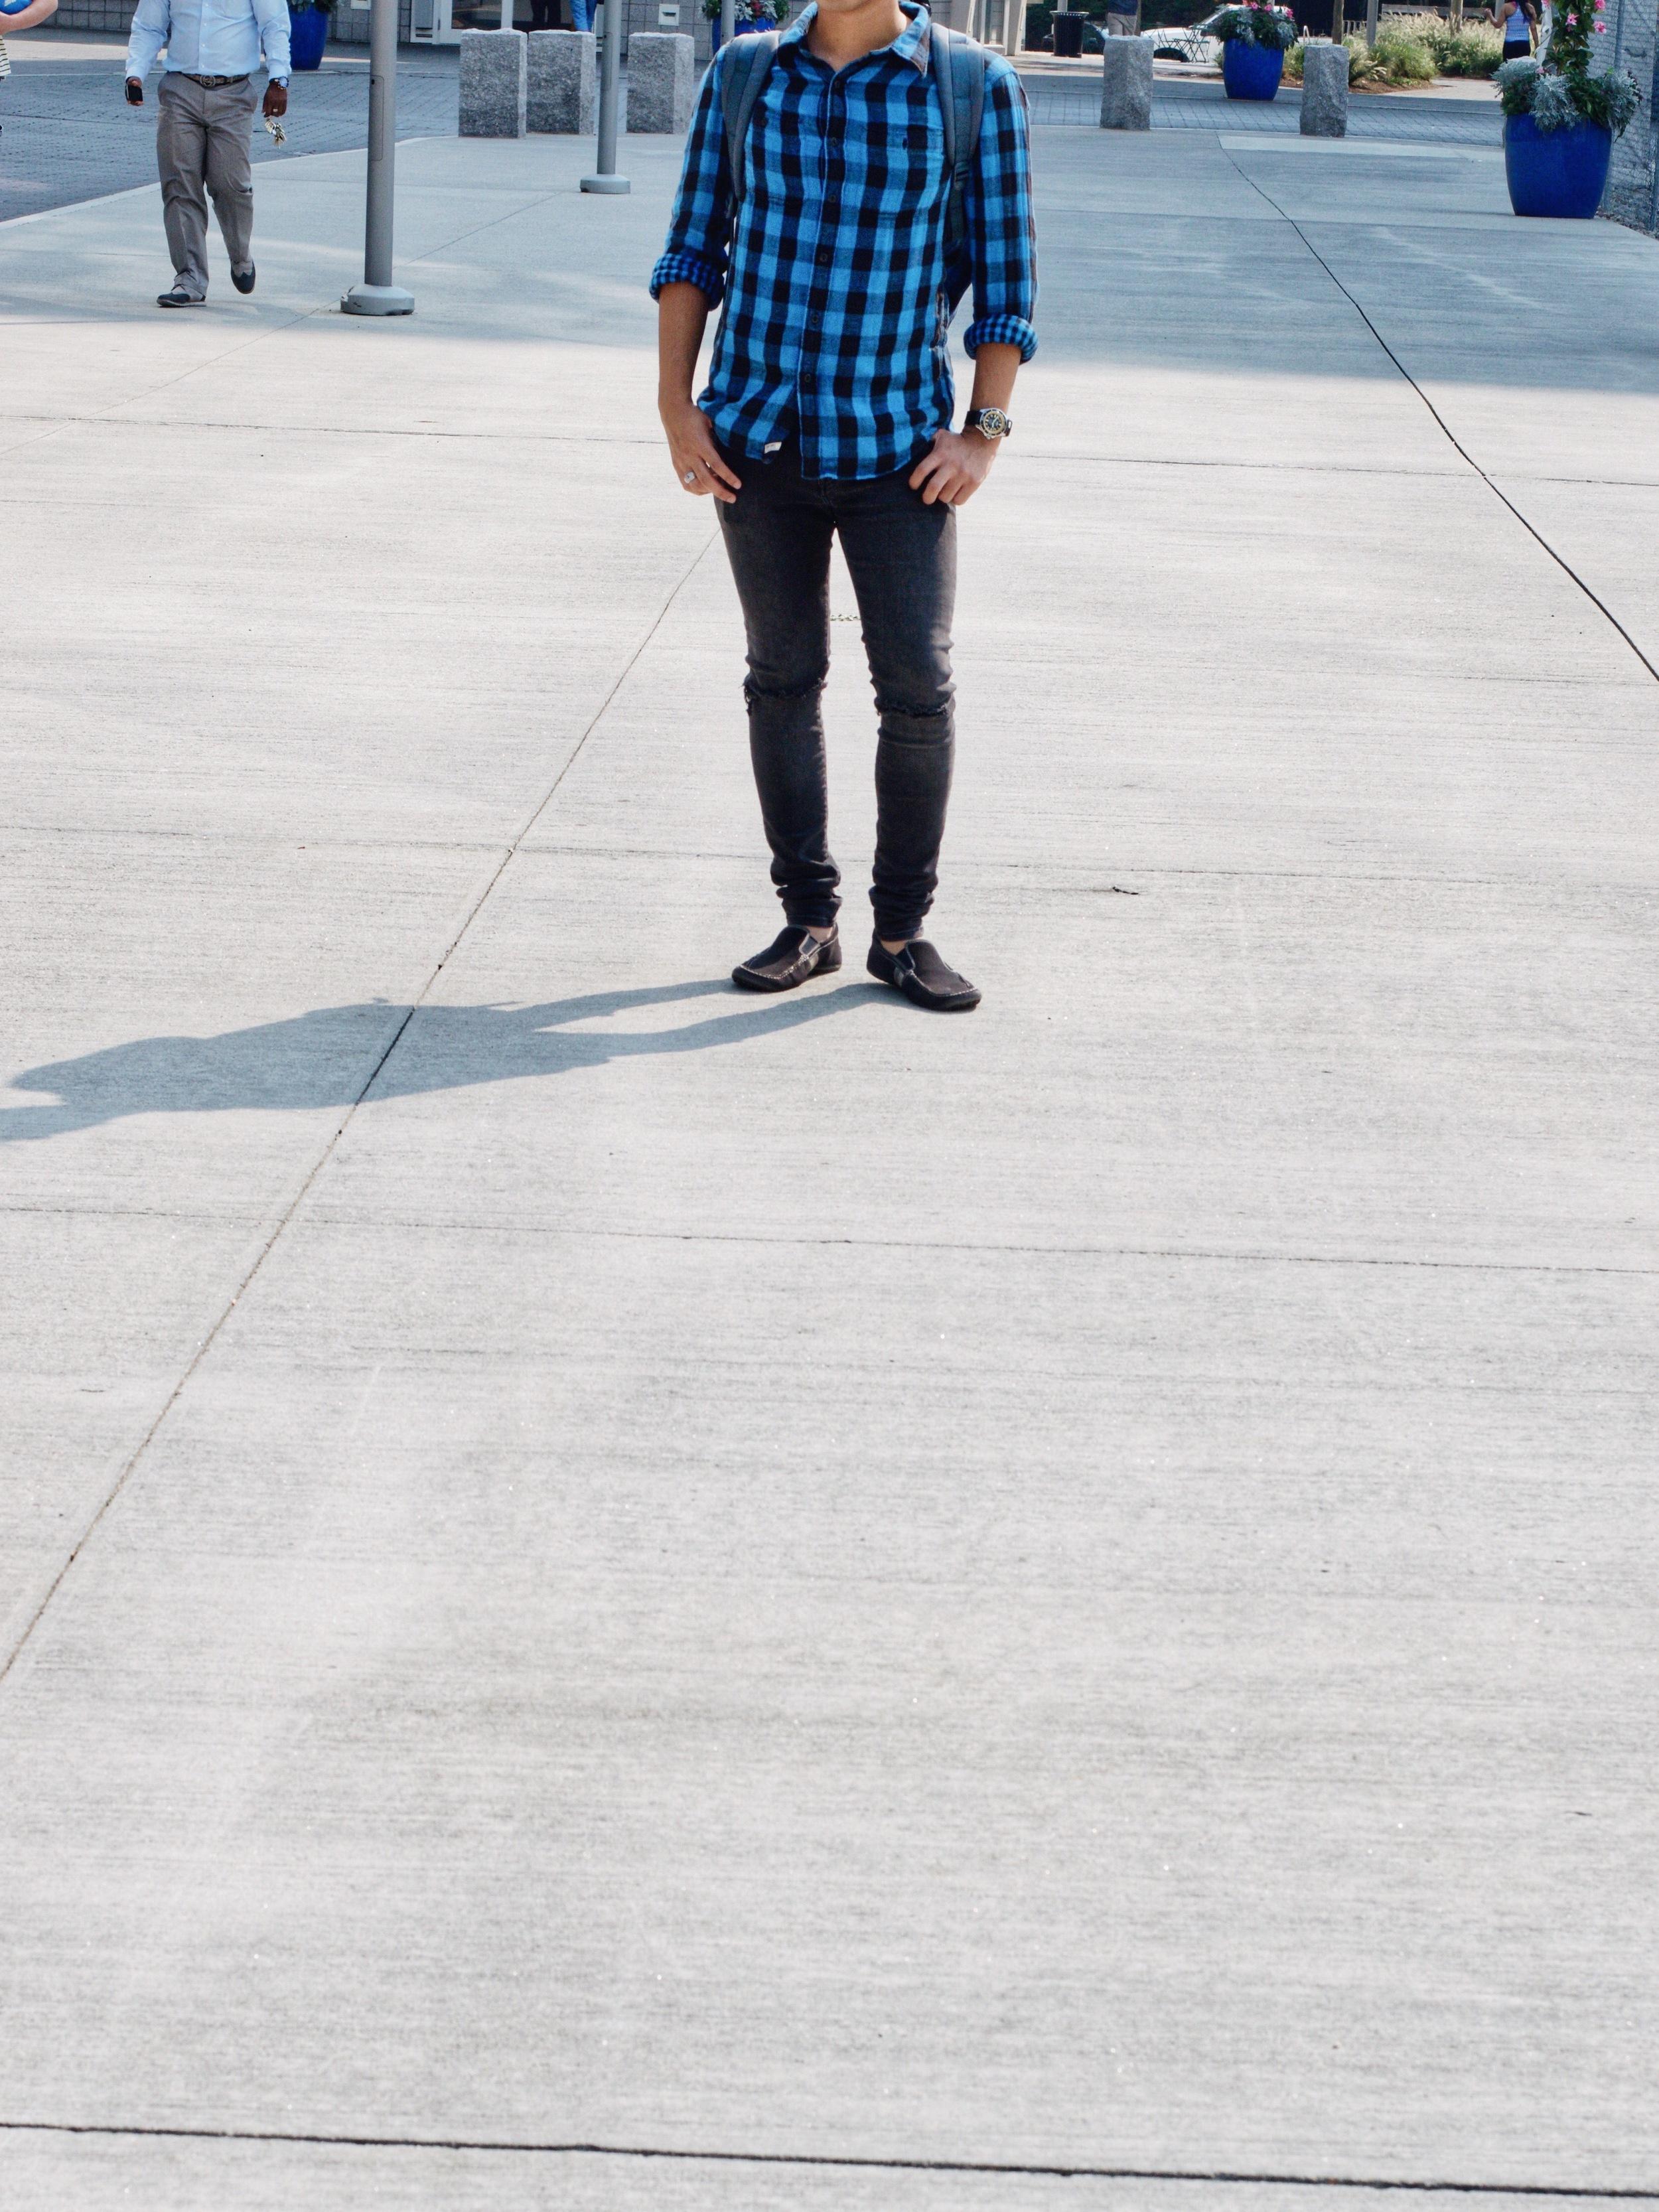 Floor So Clean That It Attracts Minimalist DonBorsch